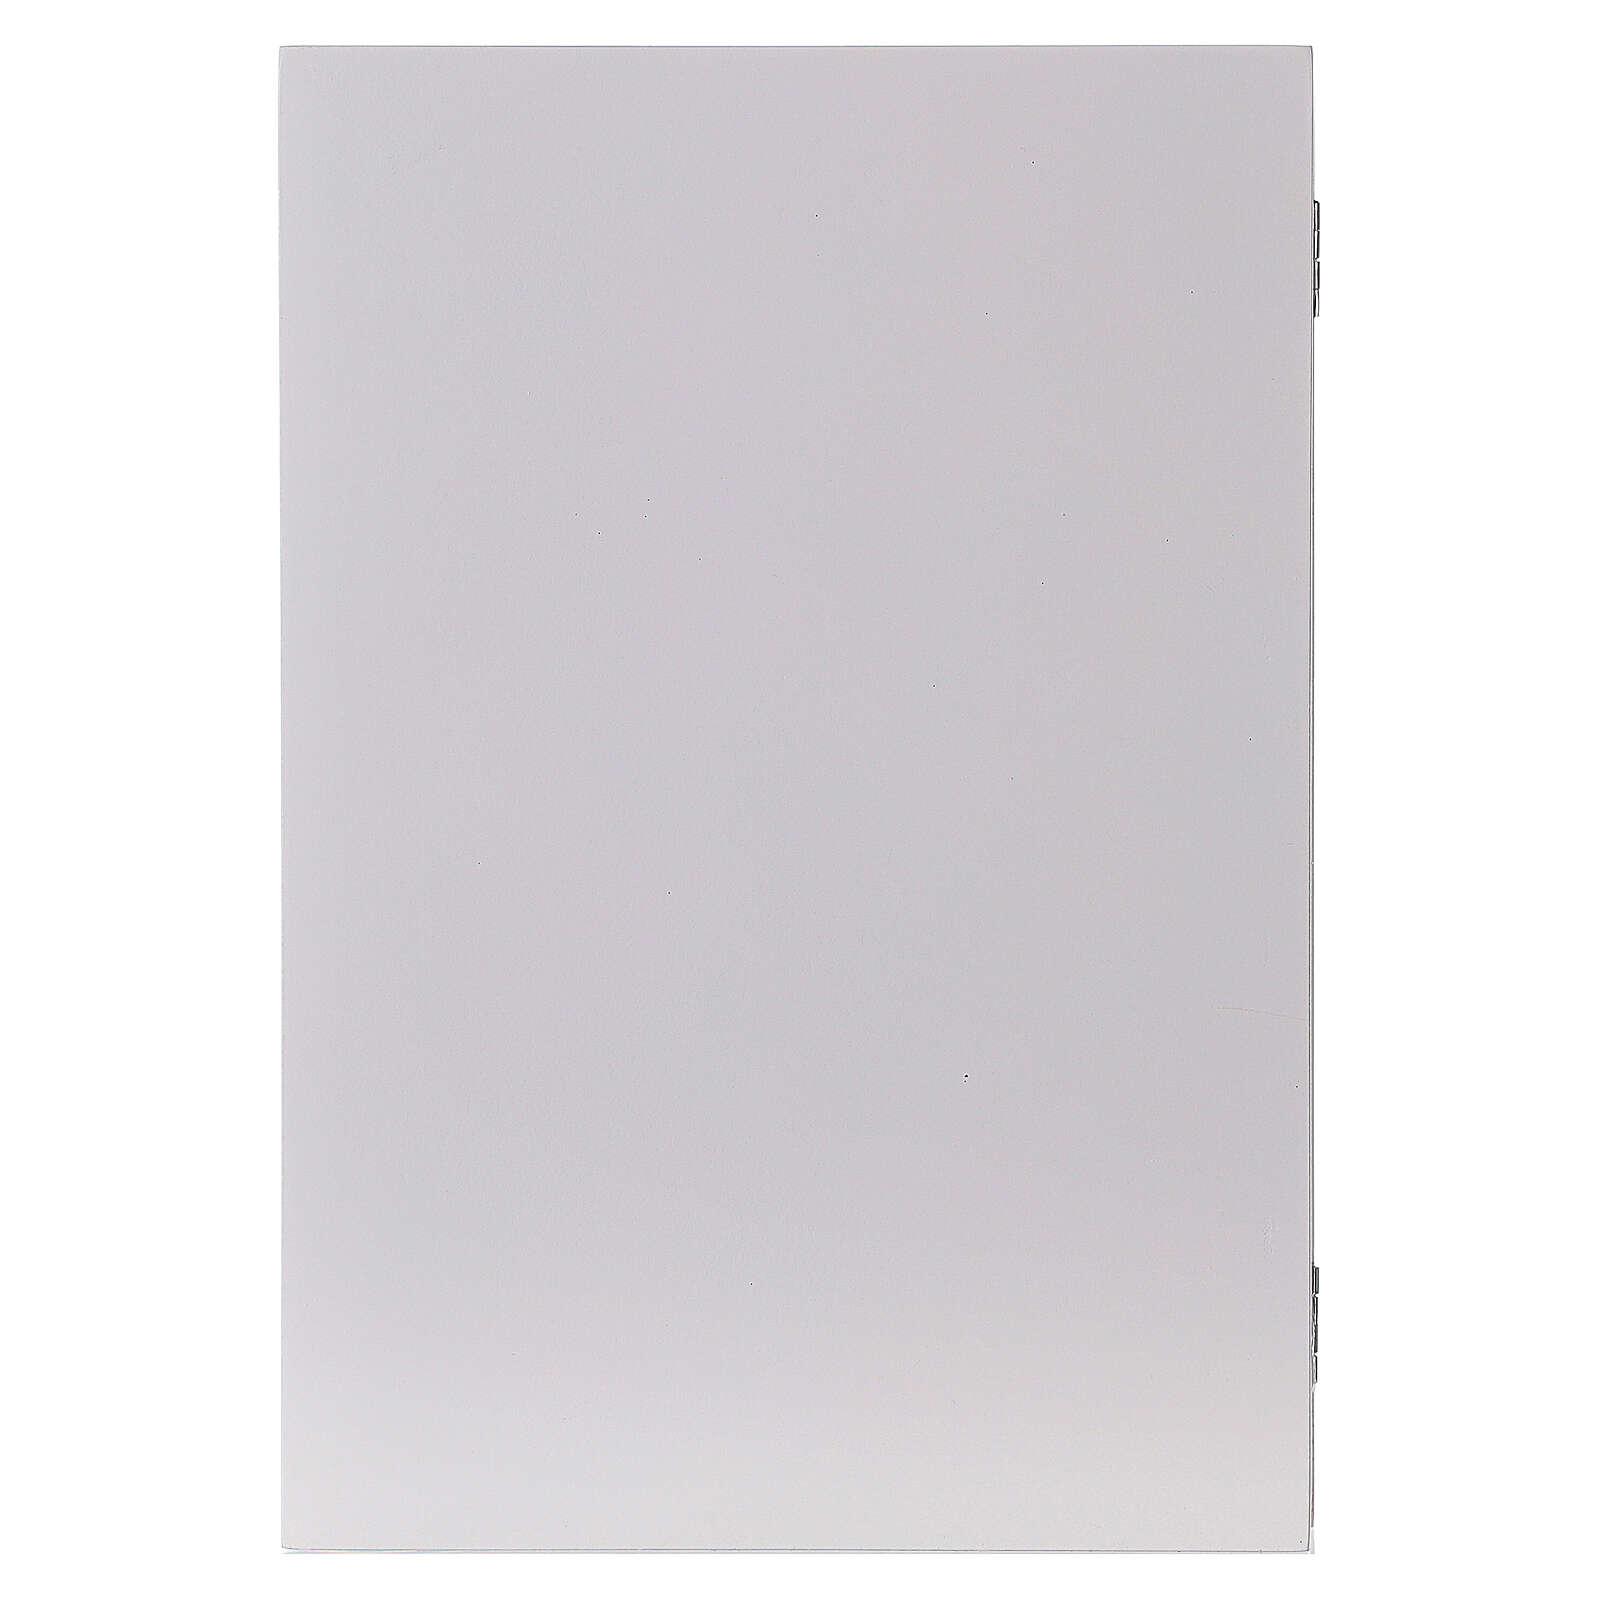 Kalendarz adwentowy składany drewno biały 30x40 cm 3